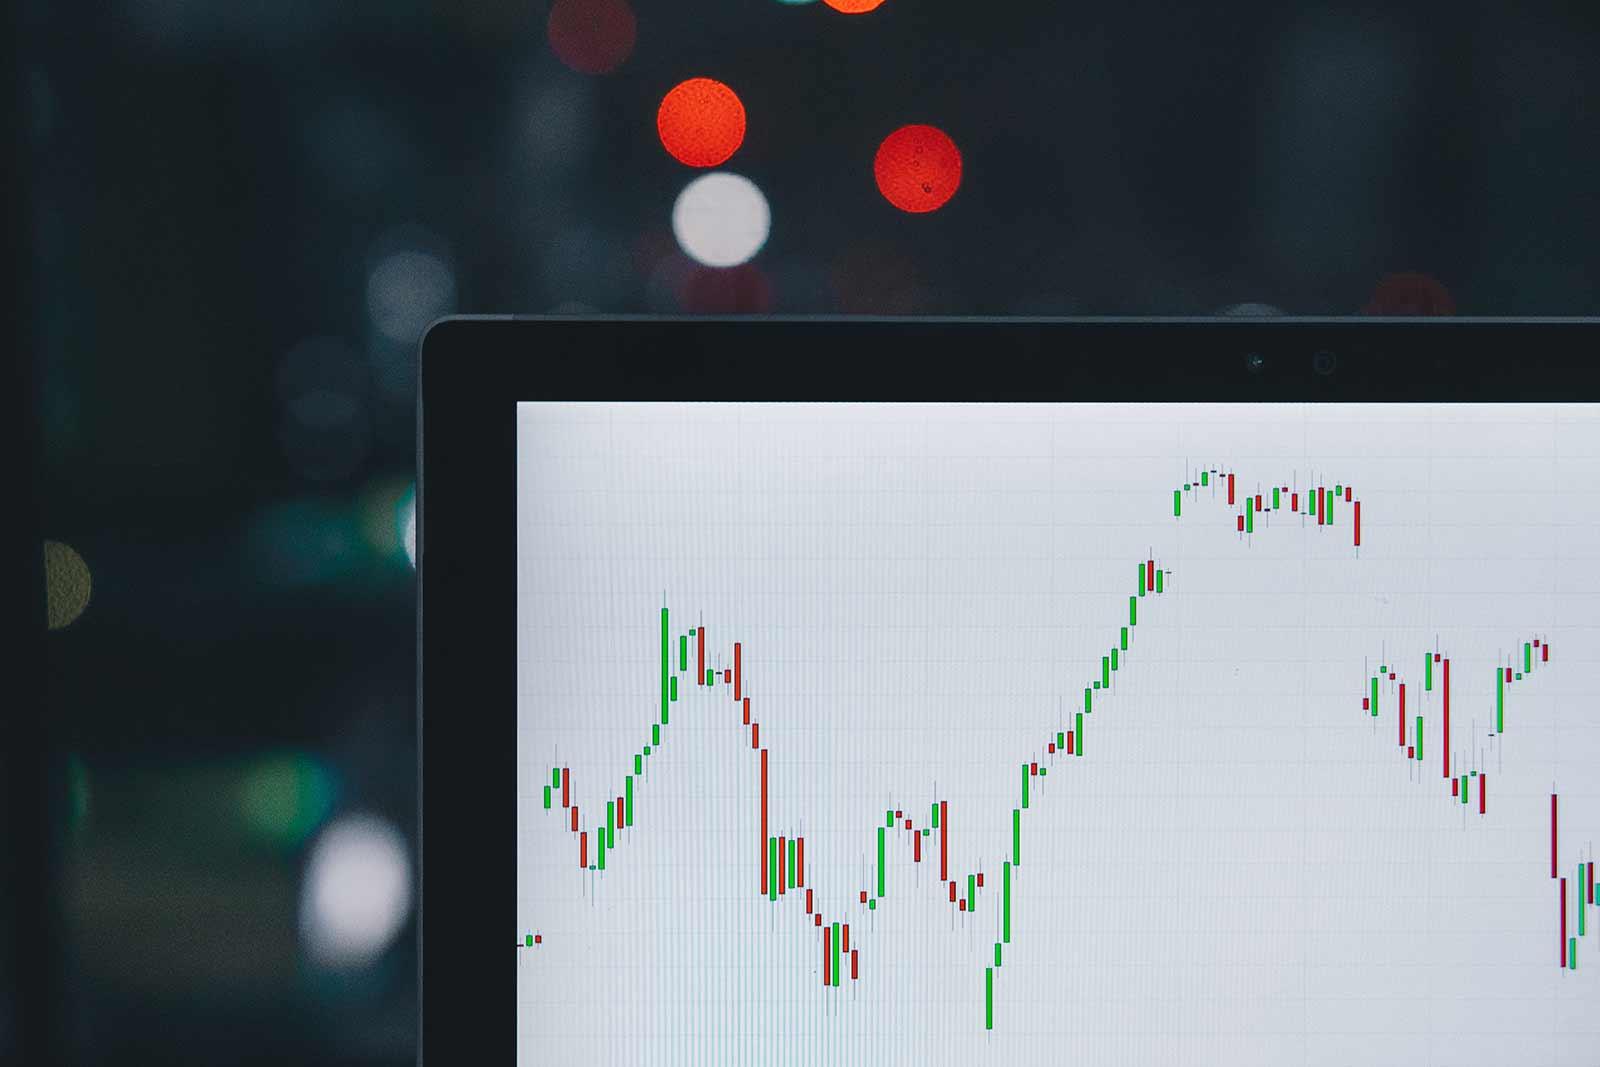 Fotografia ilustrativa de gráficos financeiros na tela de um computador